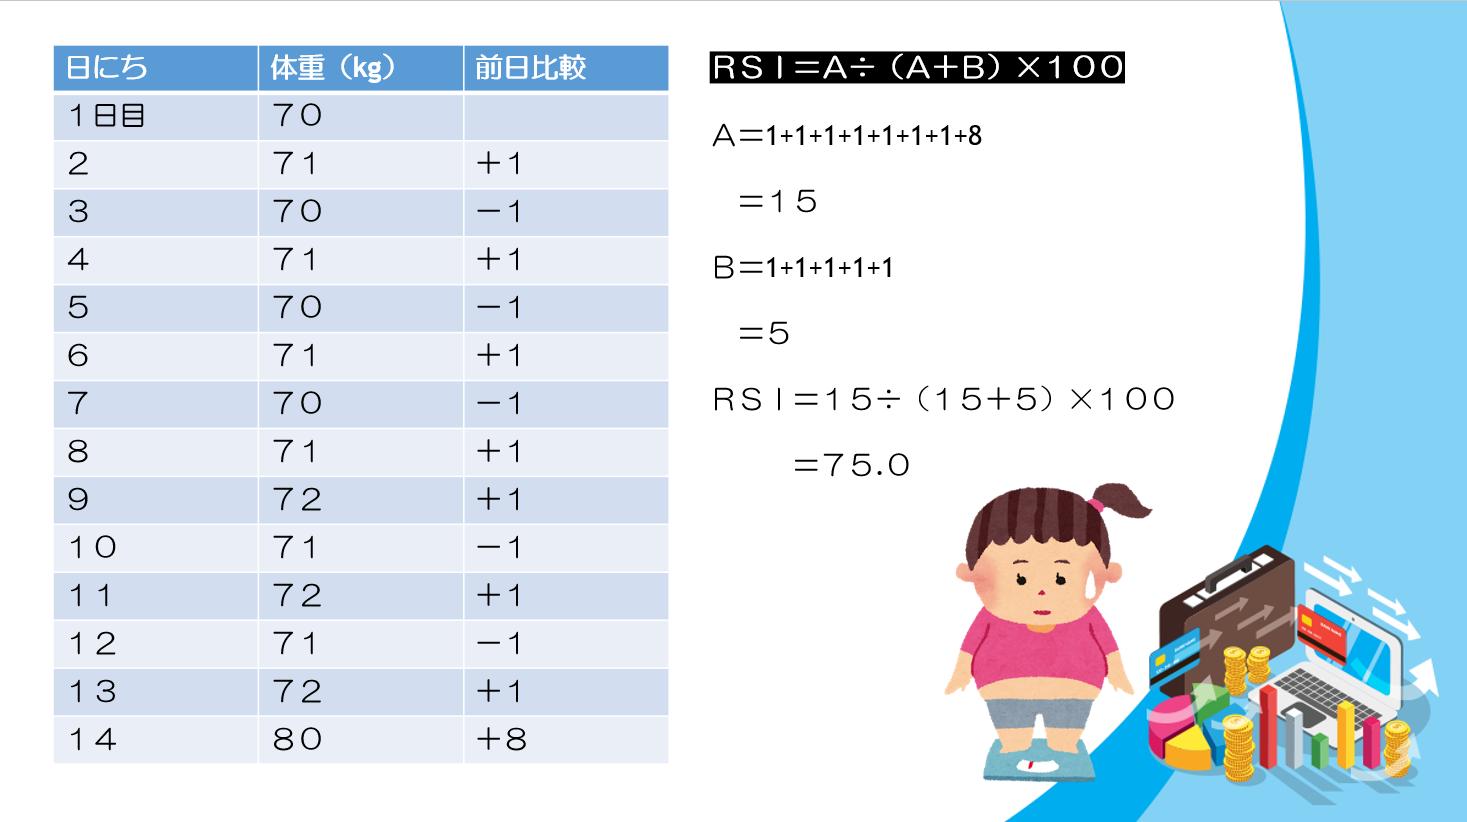 バイナリーオプション RSI数値